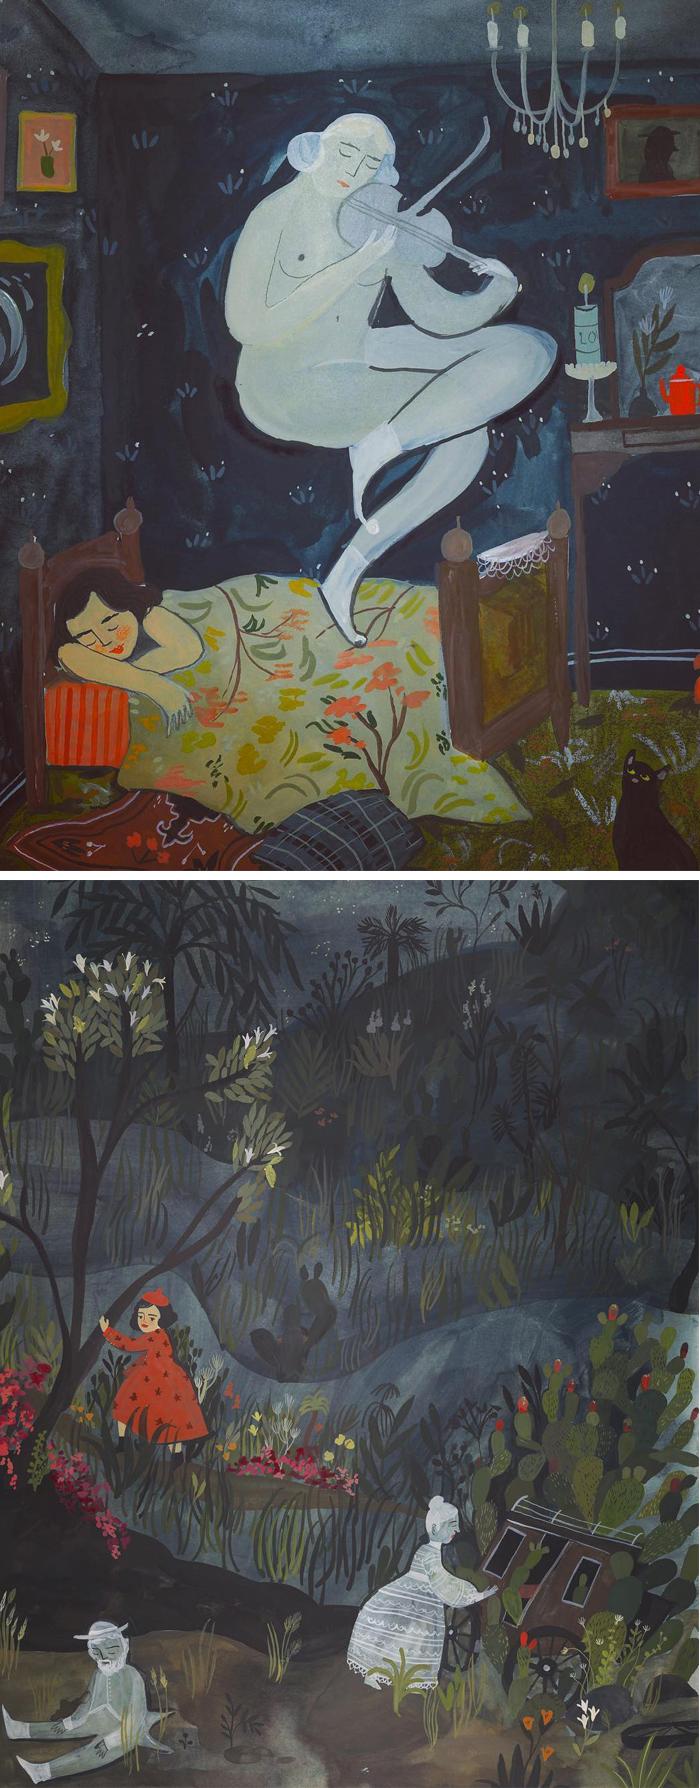 Illustrated dreams by Esmé Shapiro